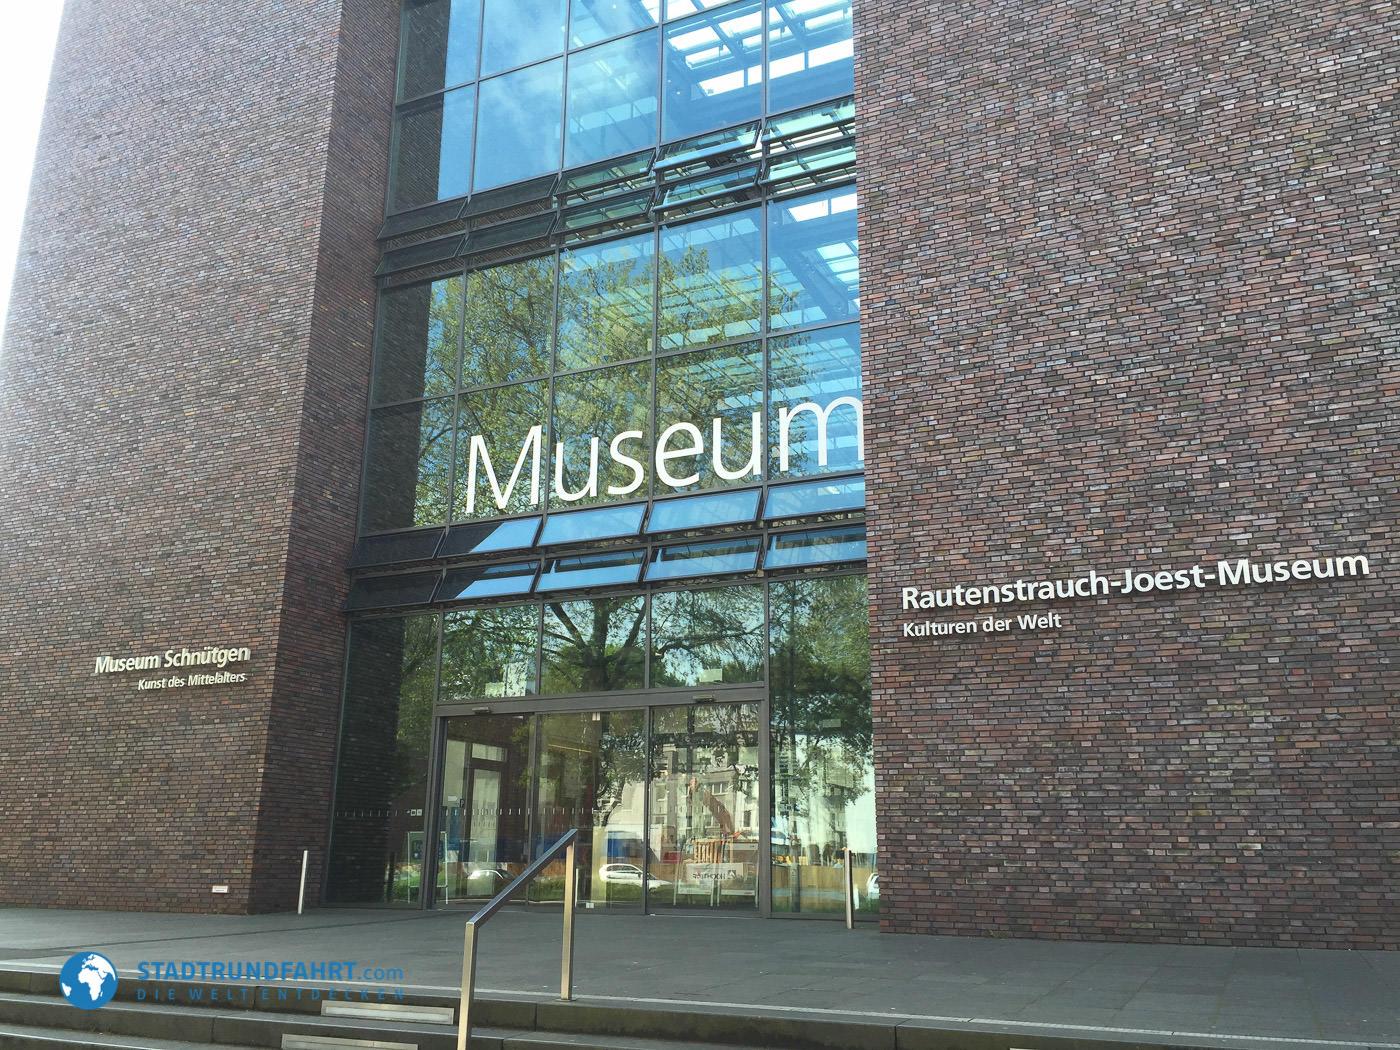 rautenstrauchjoestmuseum0001